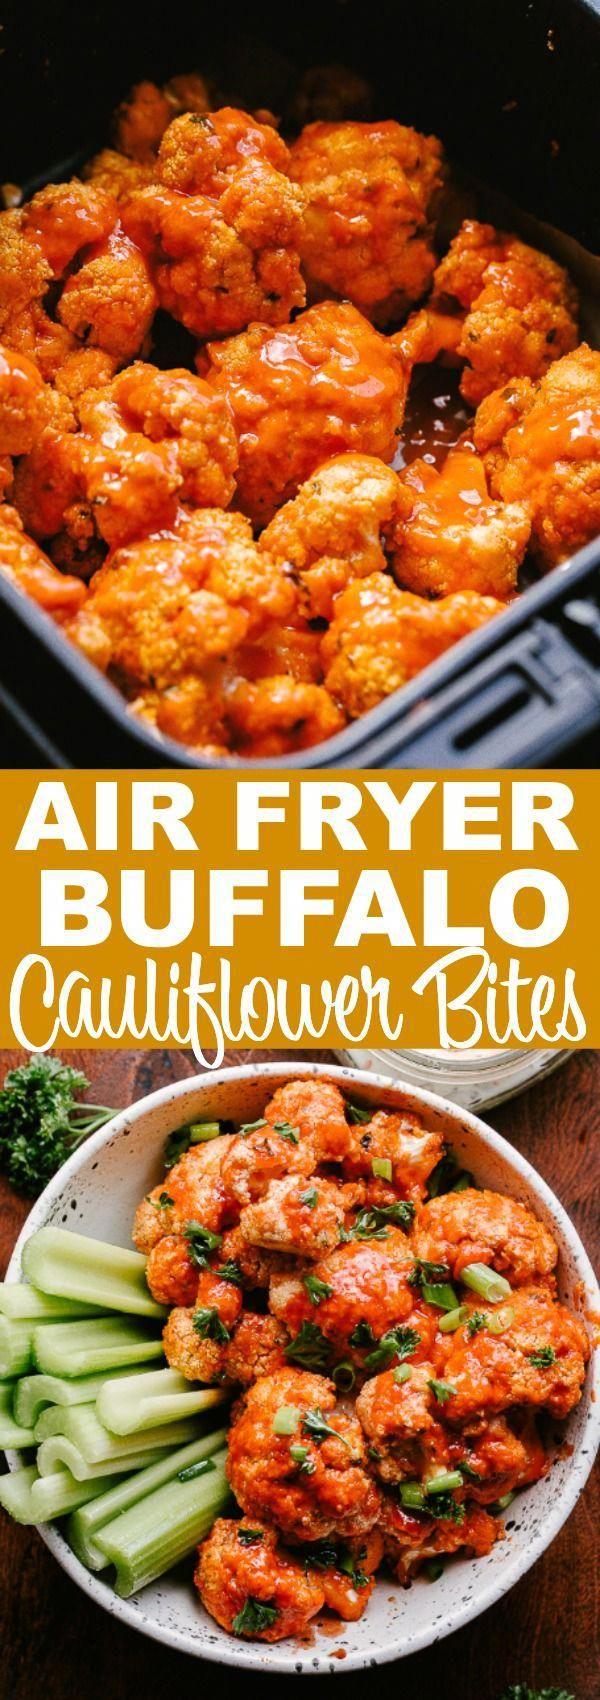 AIR FRYER BUFFALO CAULIFLOWER BITES! Cauliflower stands as